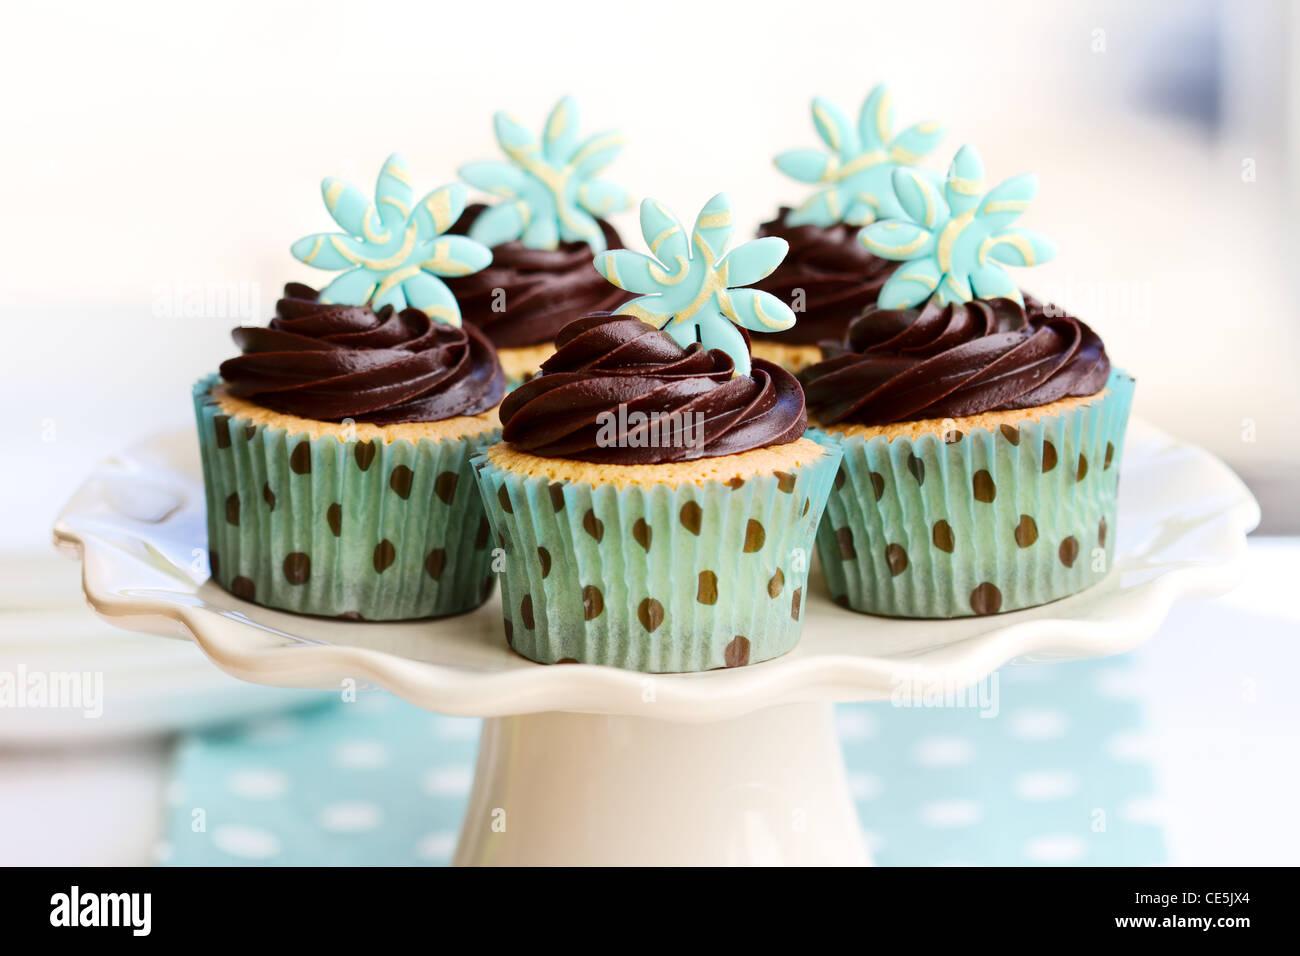 Chocolate cupcakes - Stock Image